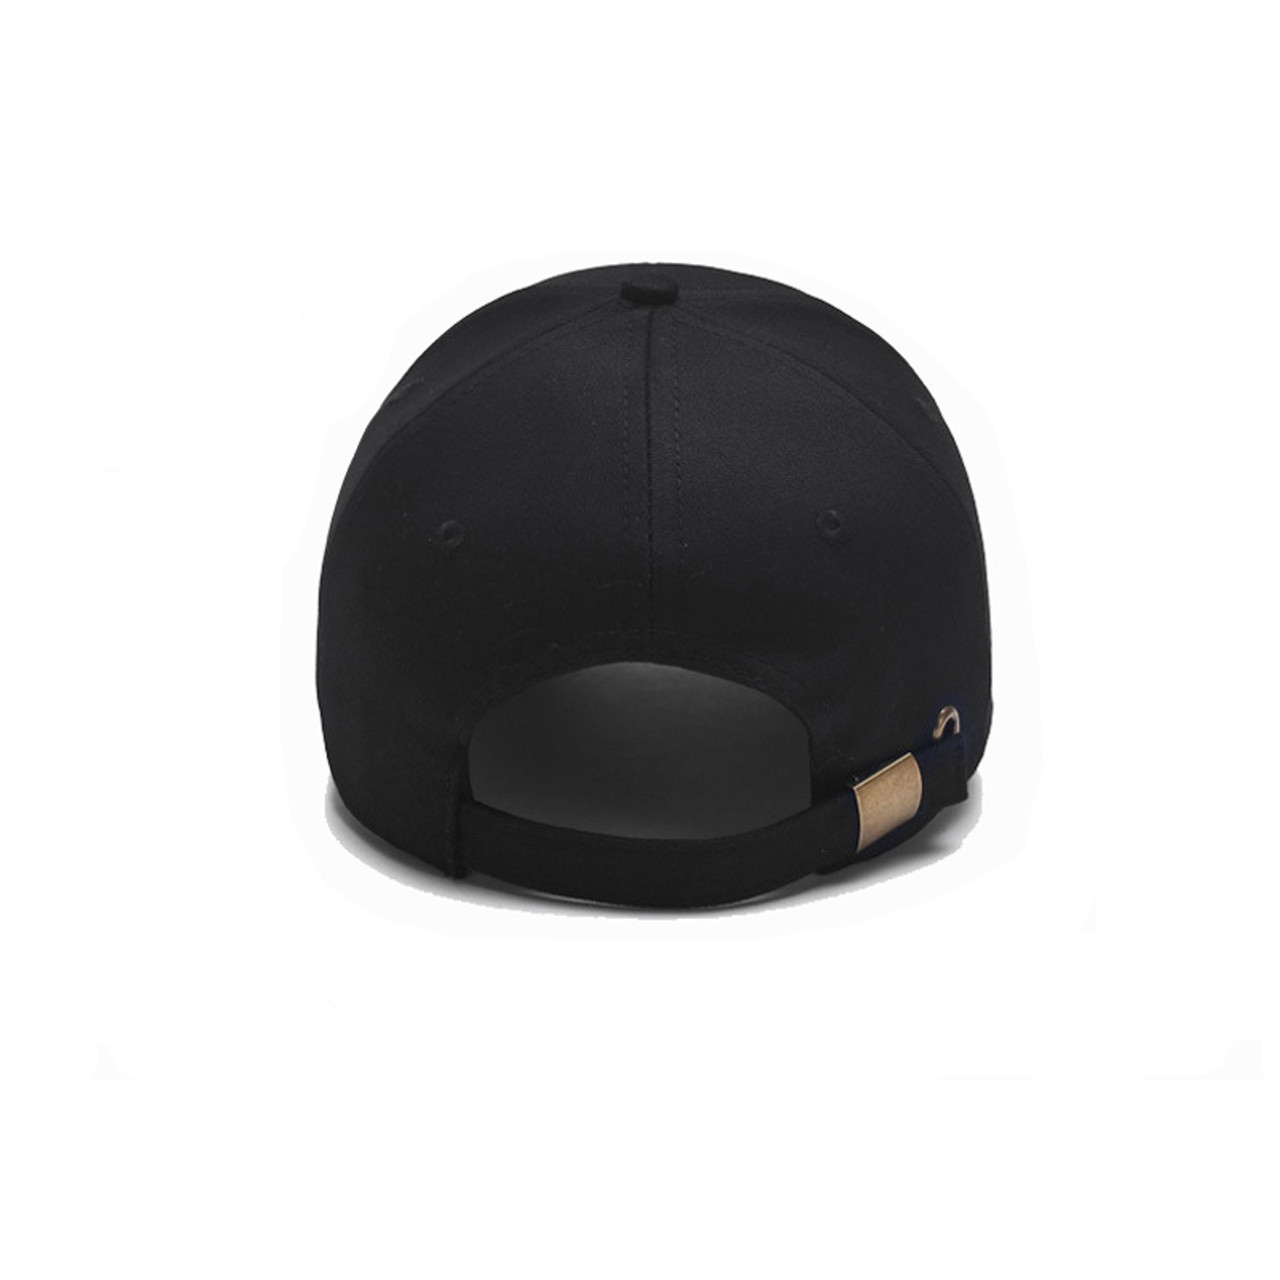 a7d6eabc16a3d ... 2018 Black Cap Solid Color Baseball Cap Snapback Caps Casquette Hats  Fitted Casual Gorras Hip Hop ...